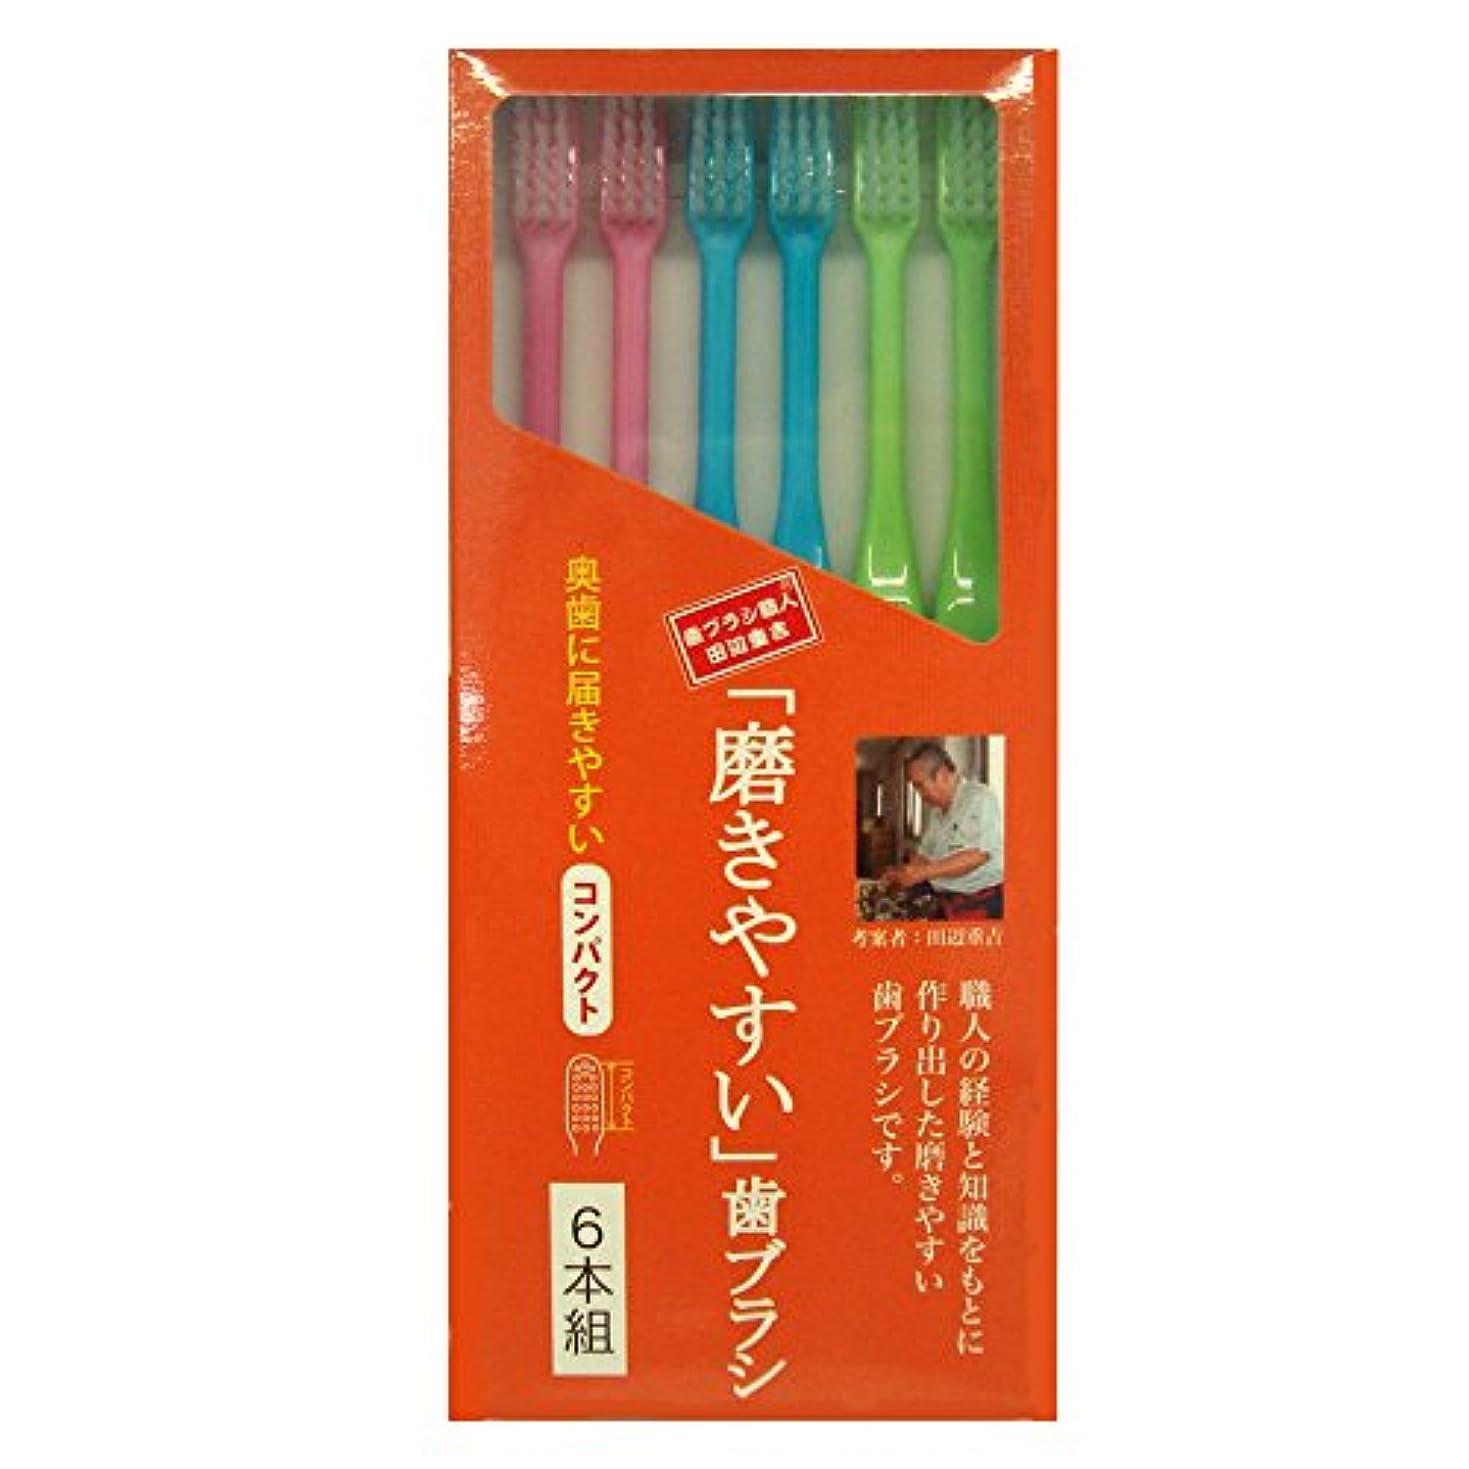 征服するテーブル受け入れた磨きやすい歯ブラシ 6本組 コンパクトタイプ